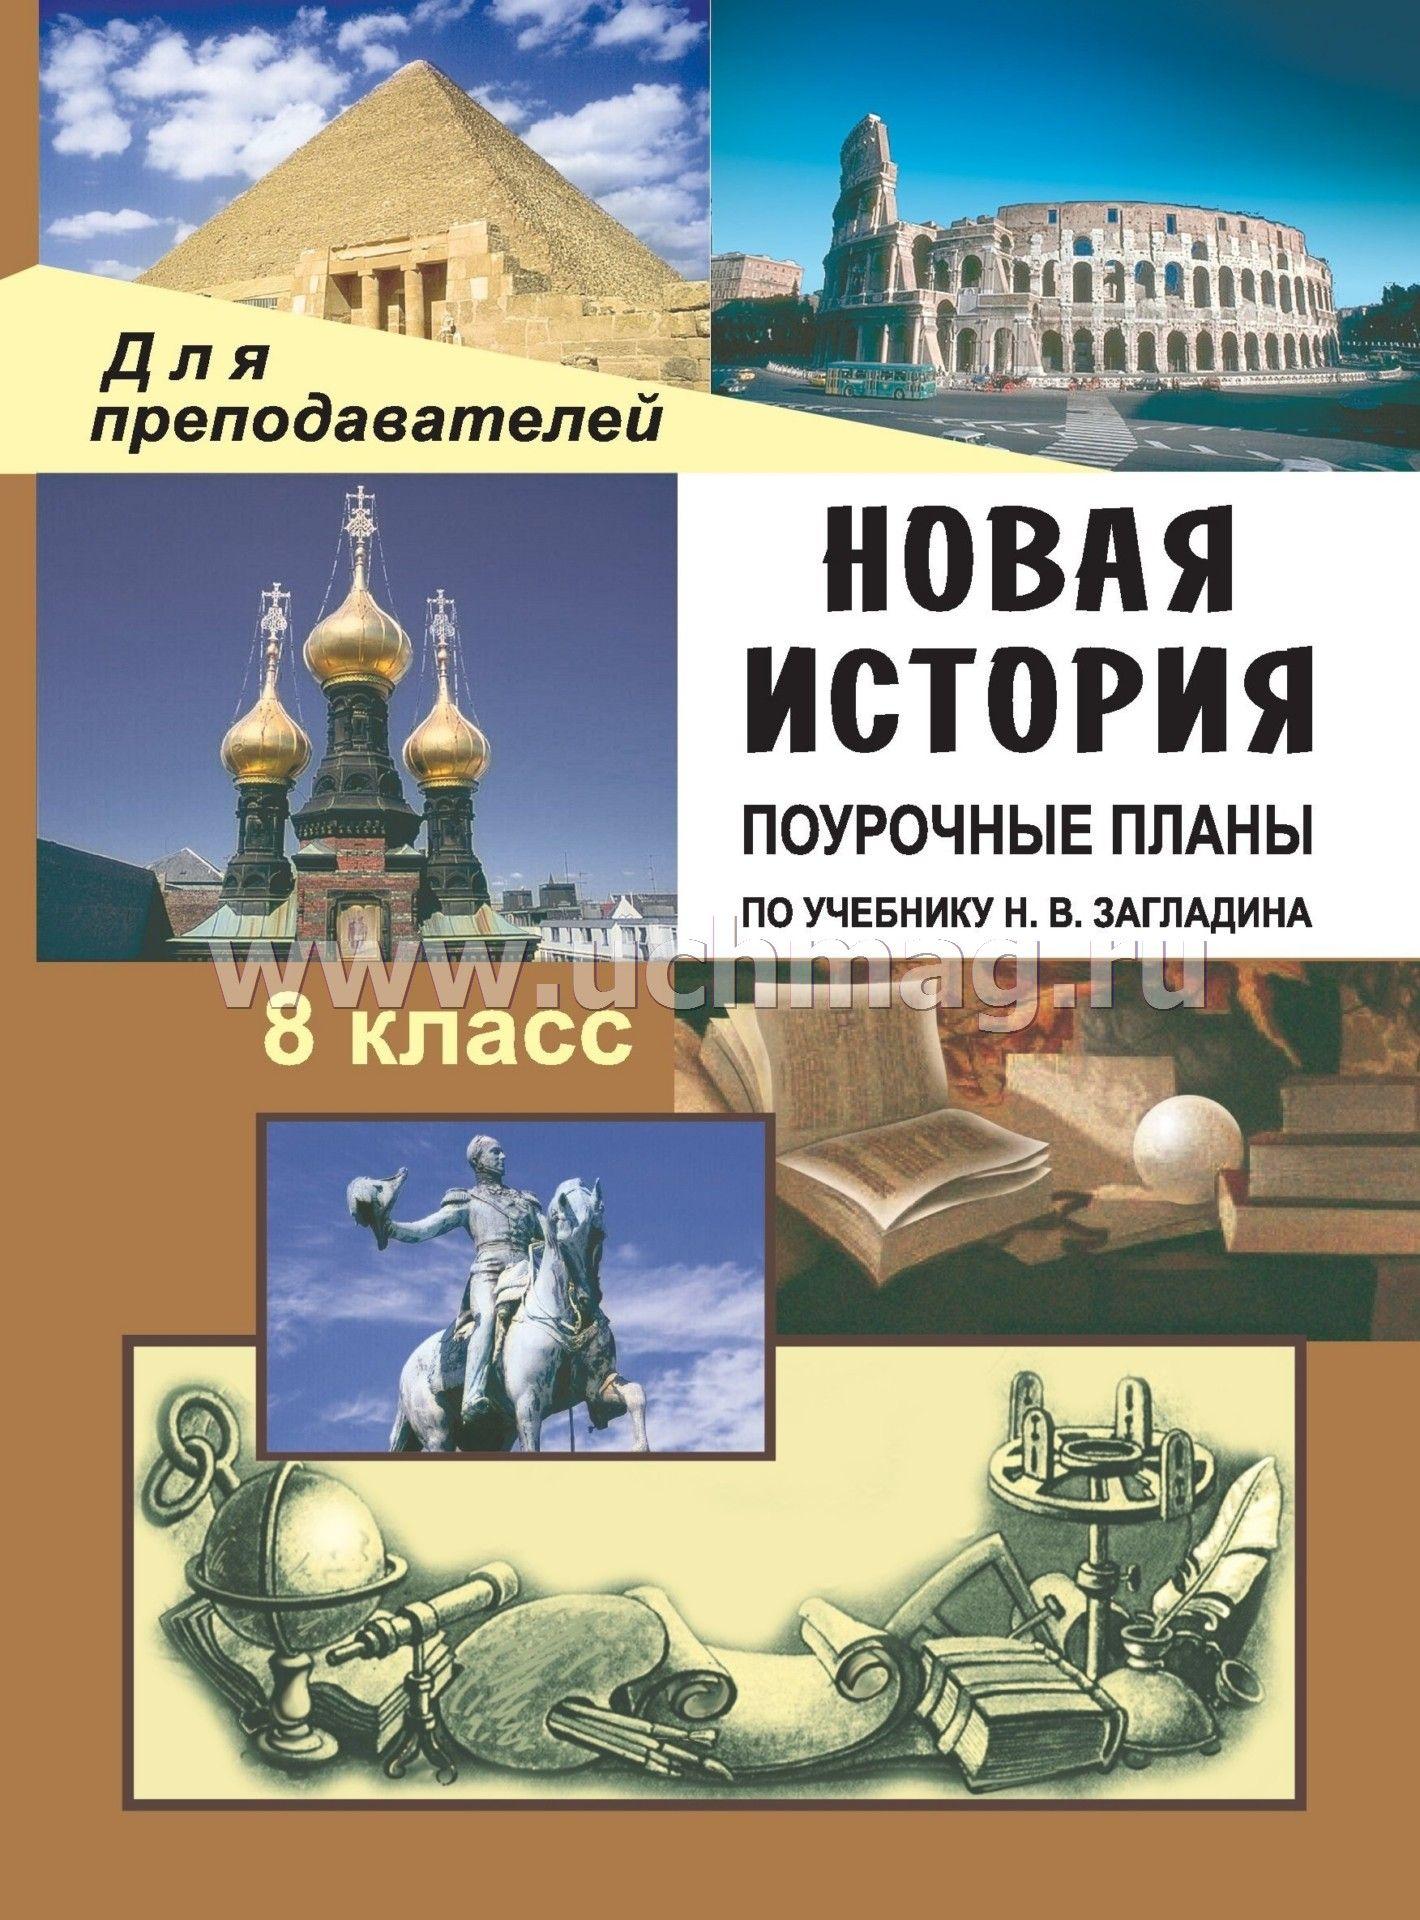 Гдз по Истории Таблицы Учебника Загладина